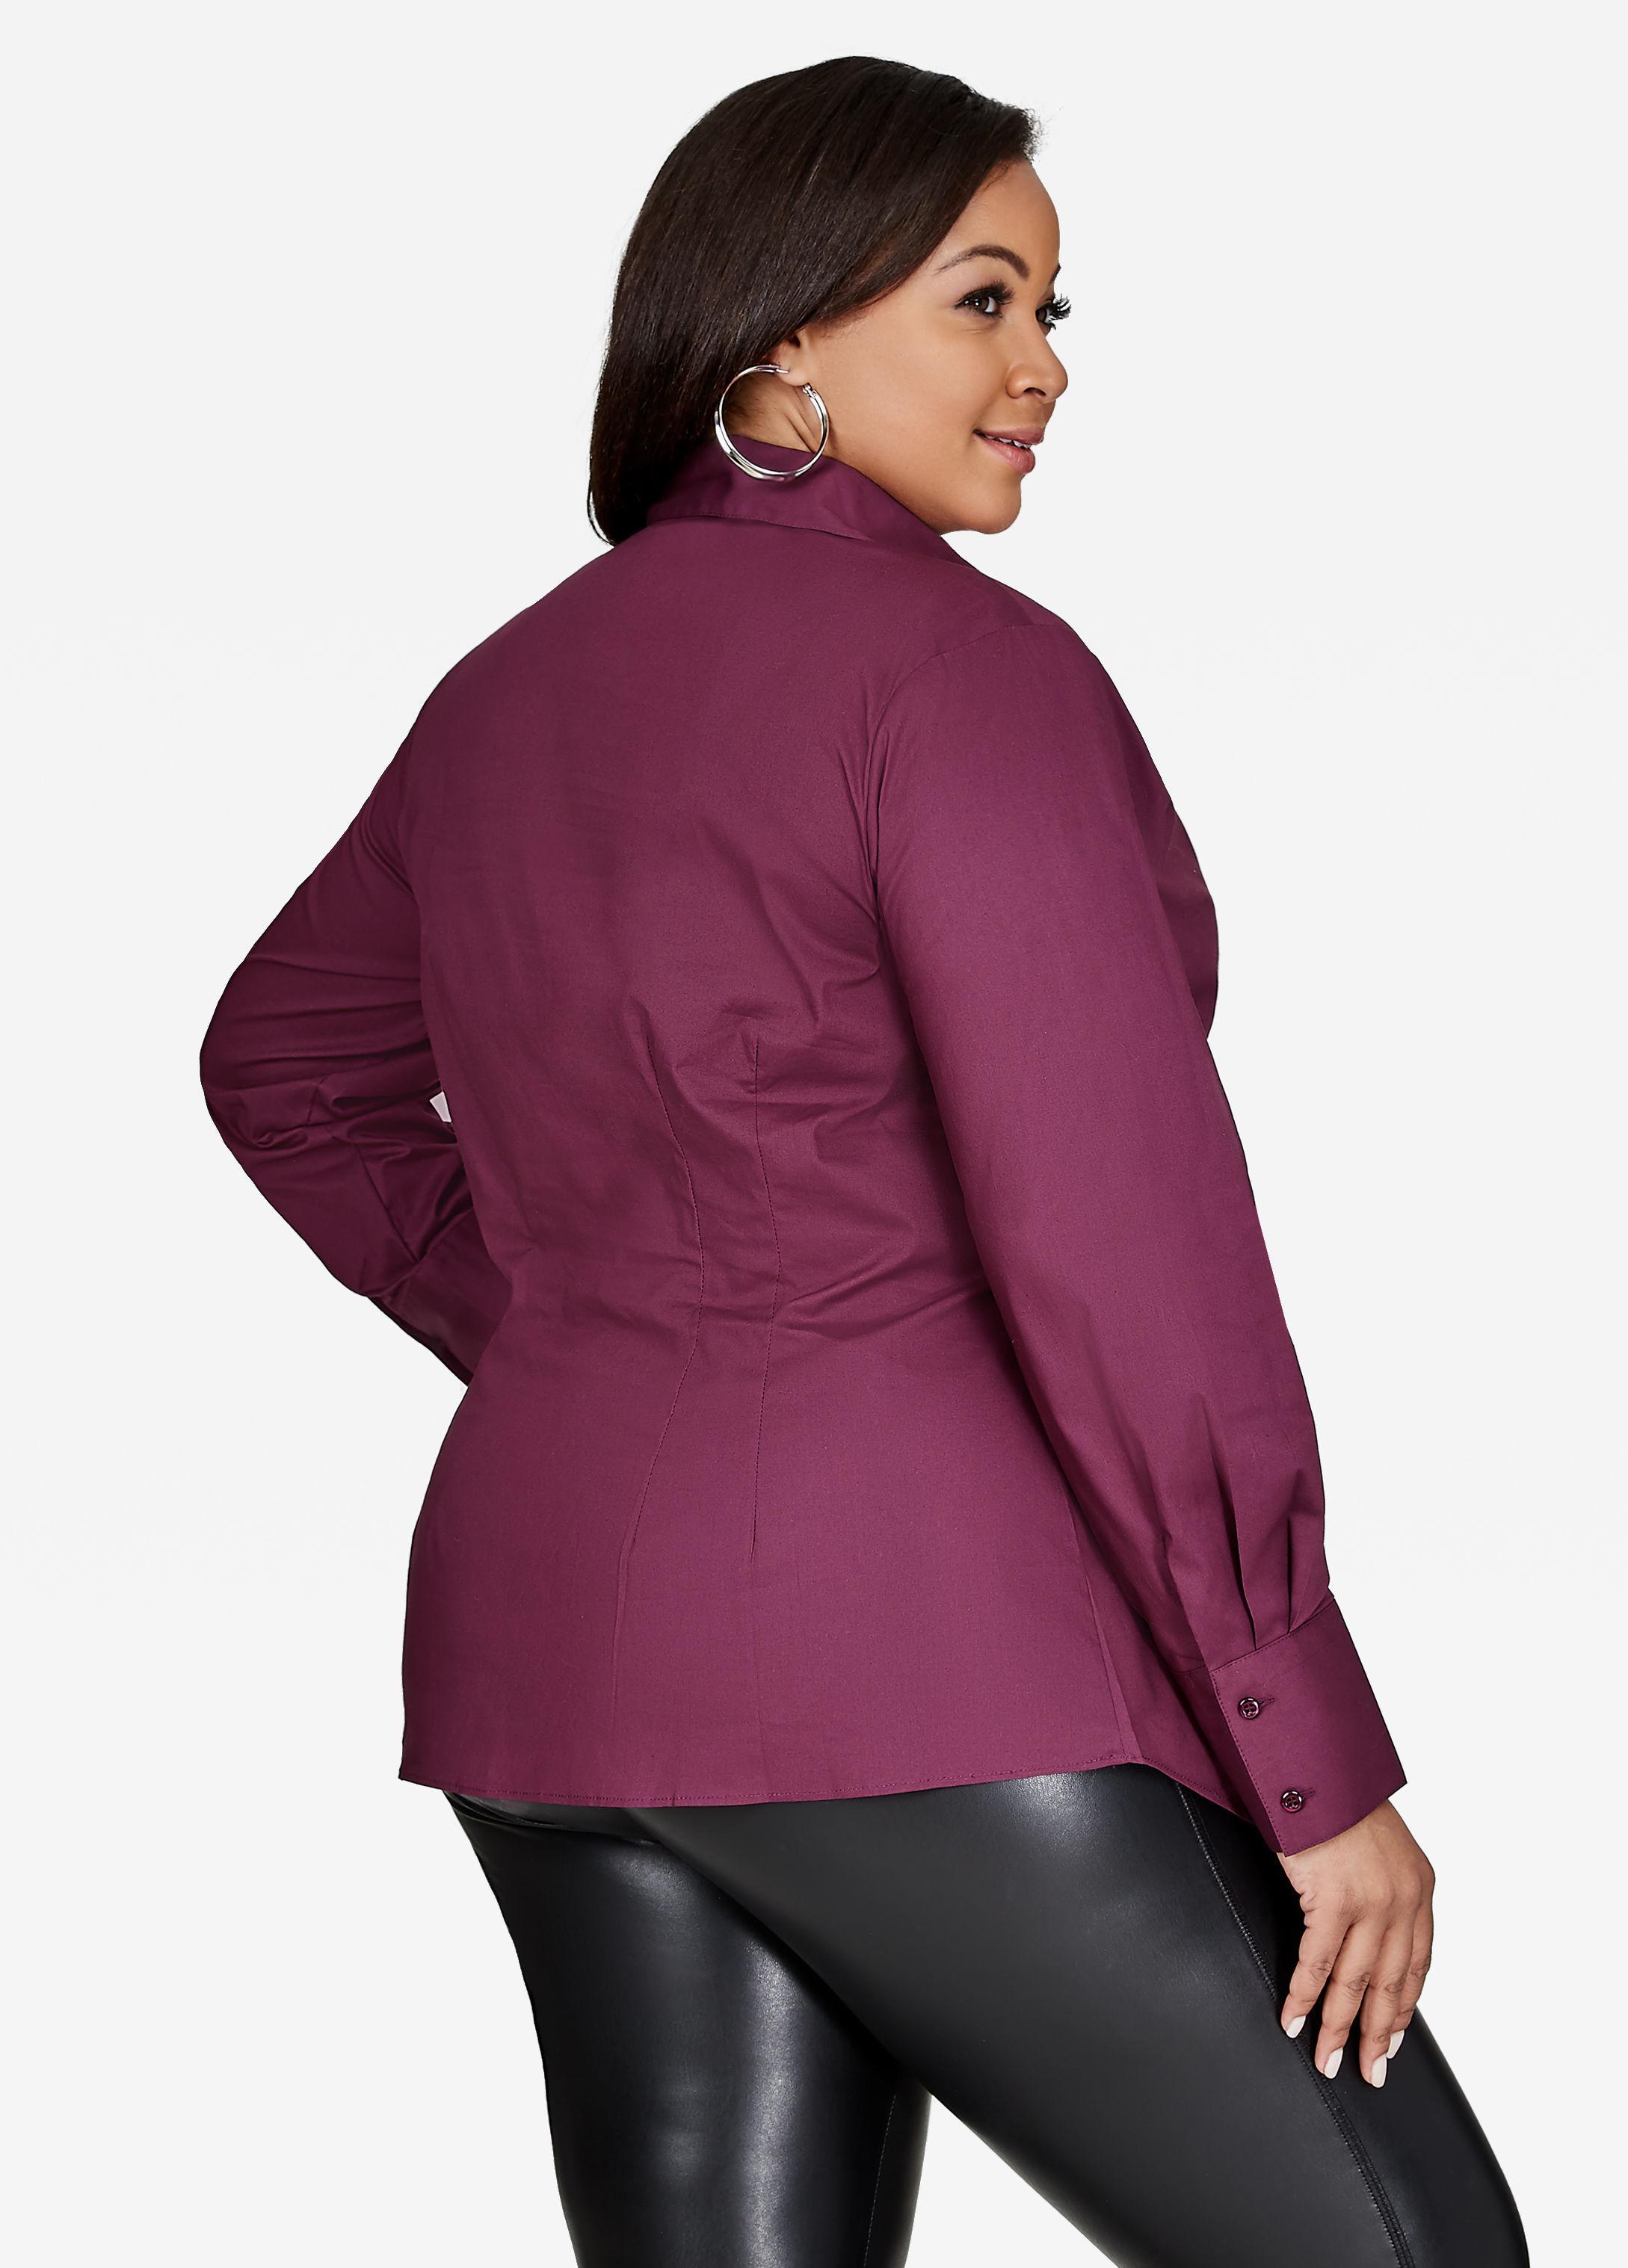 a2e0524693d Lyst - Ashley Stewart Button Up Dress Shirt in Purple